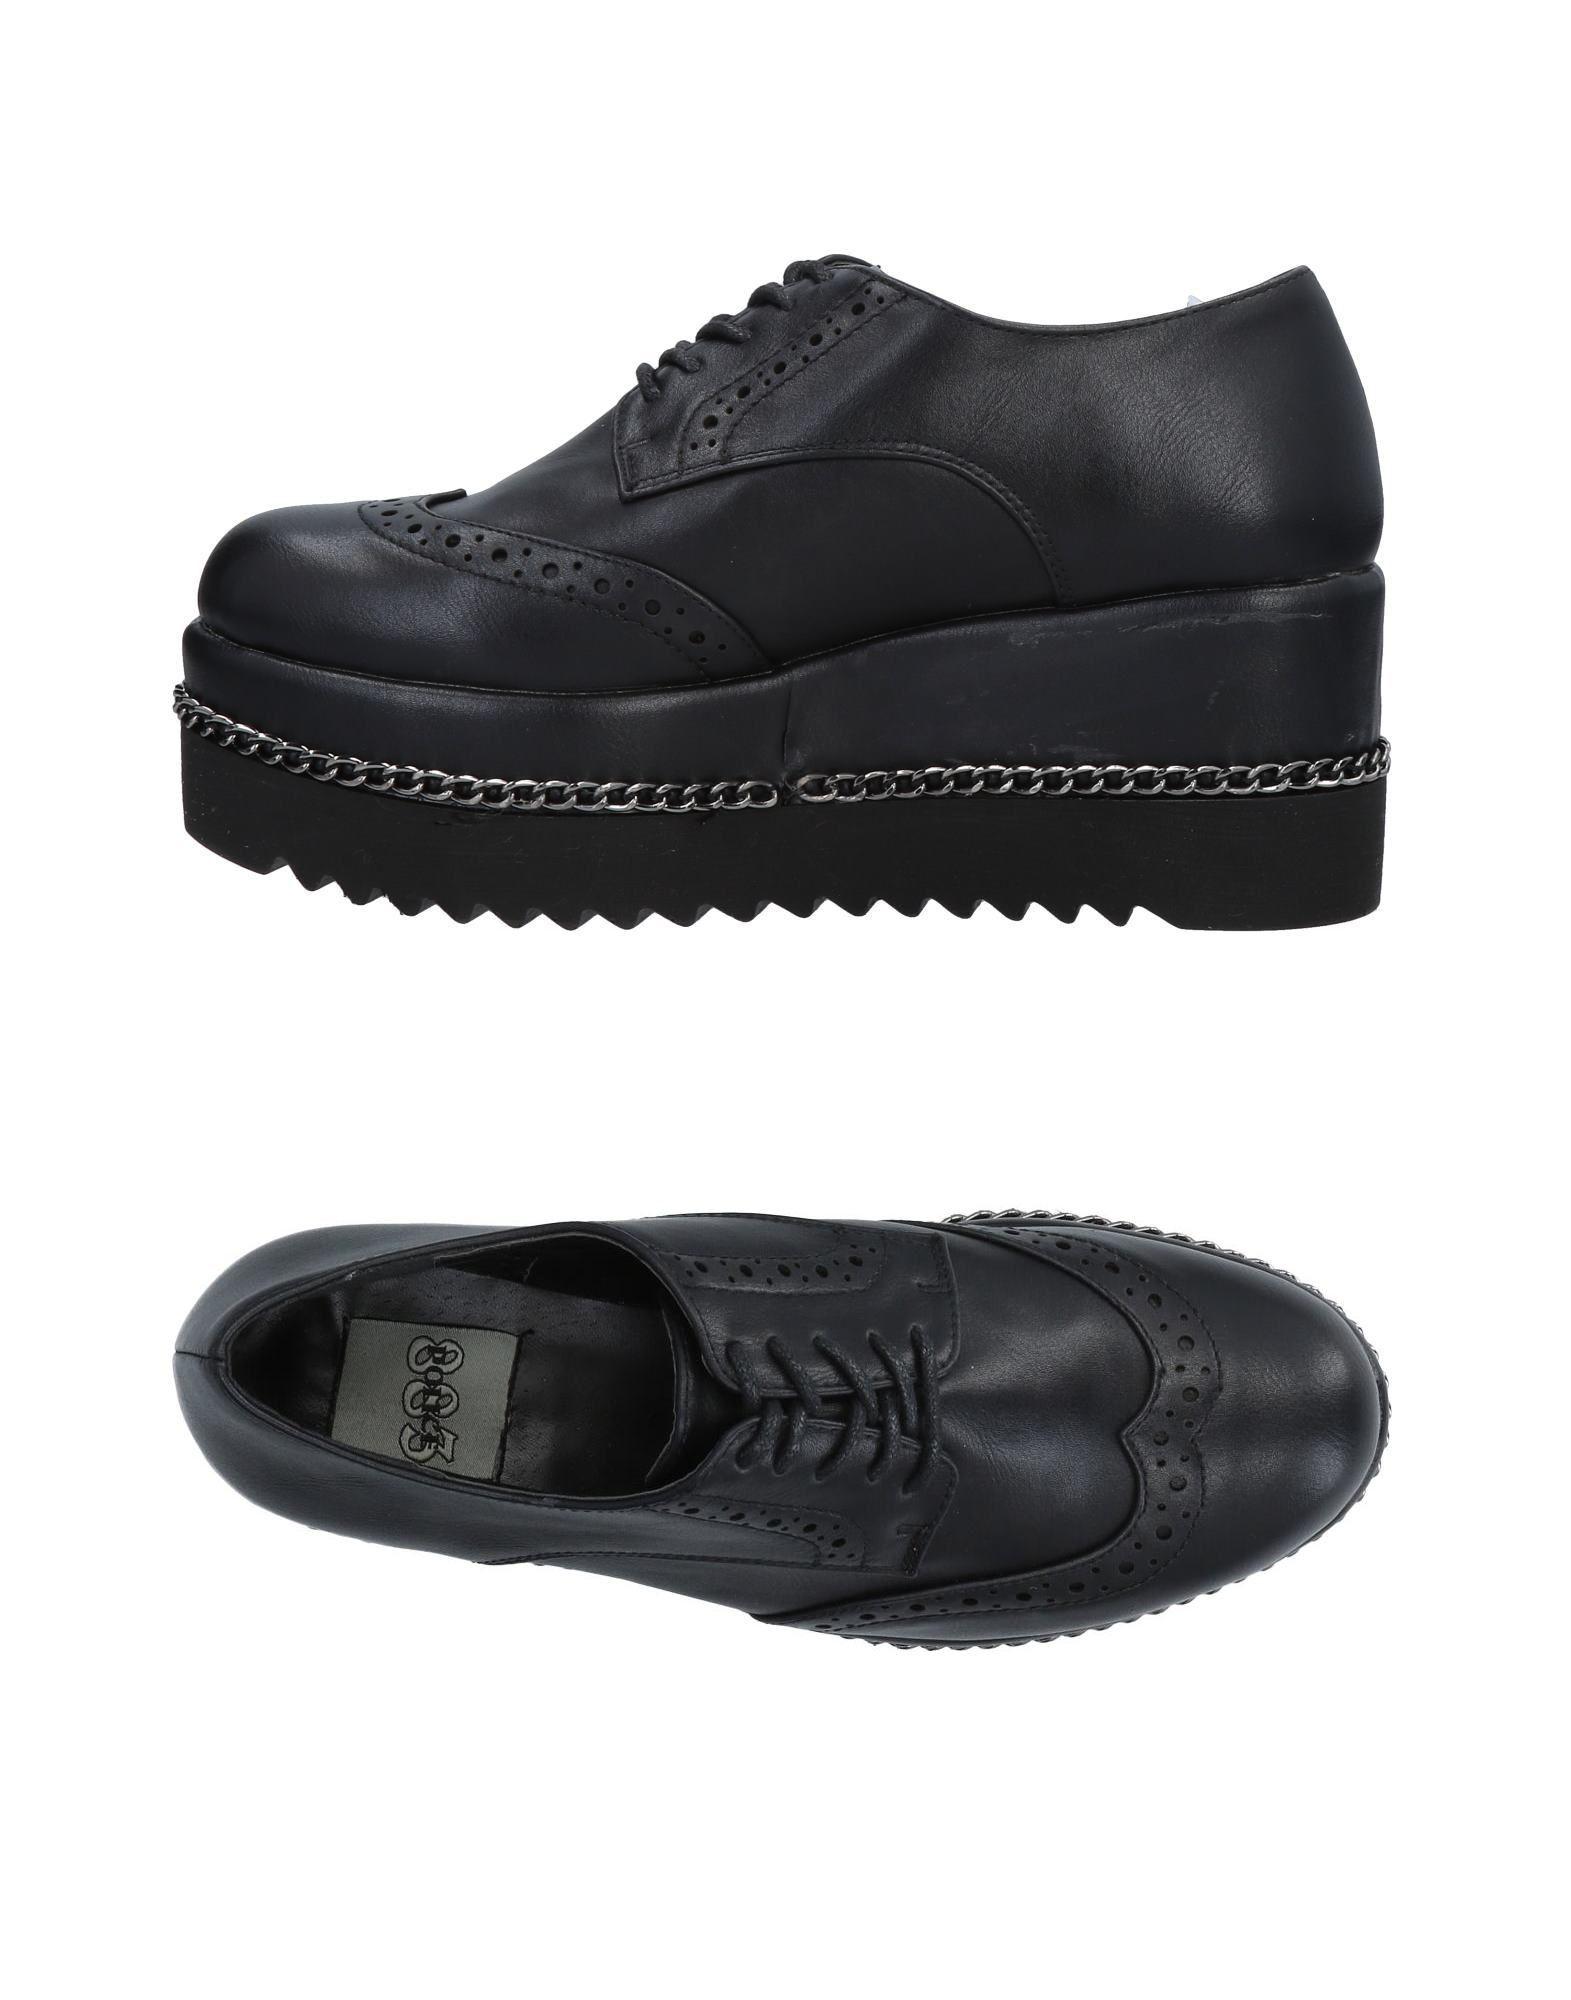 POLICE 883 Обувь на шнурках обувь для борьбы ascs ascs014 31 32 34